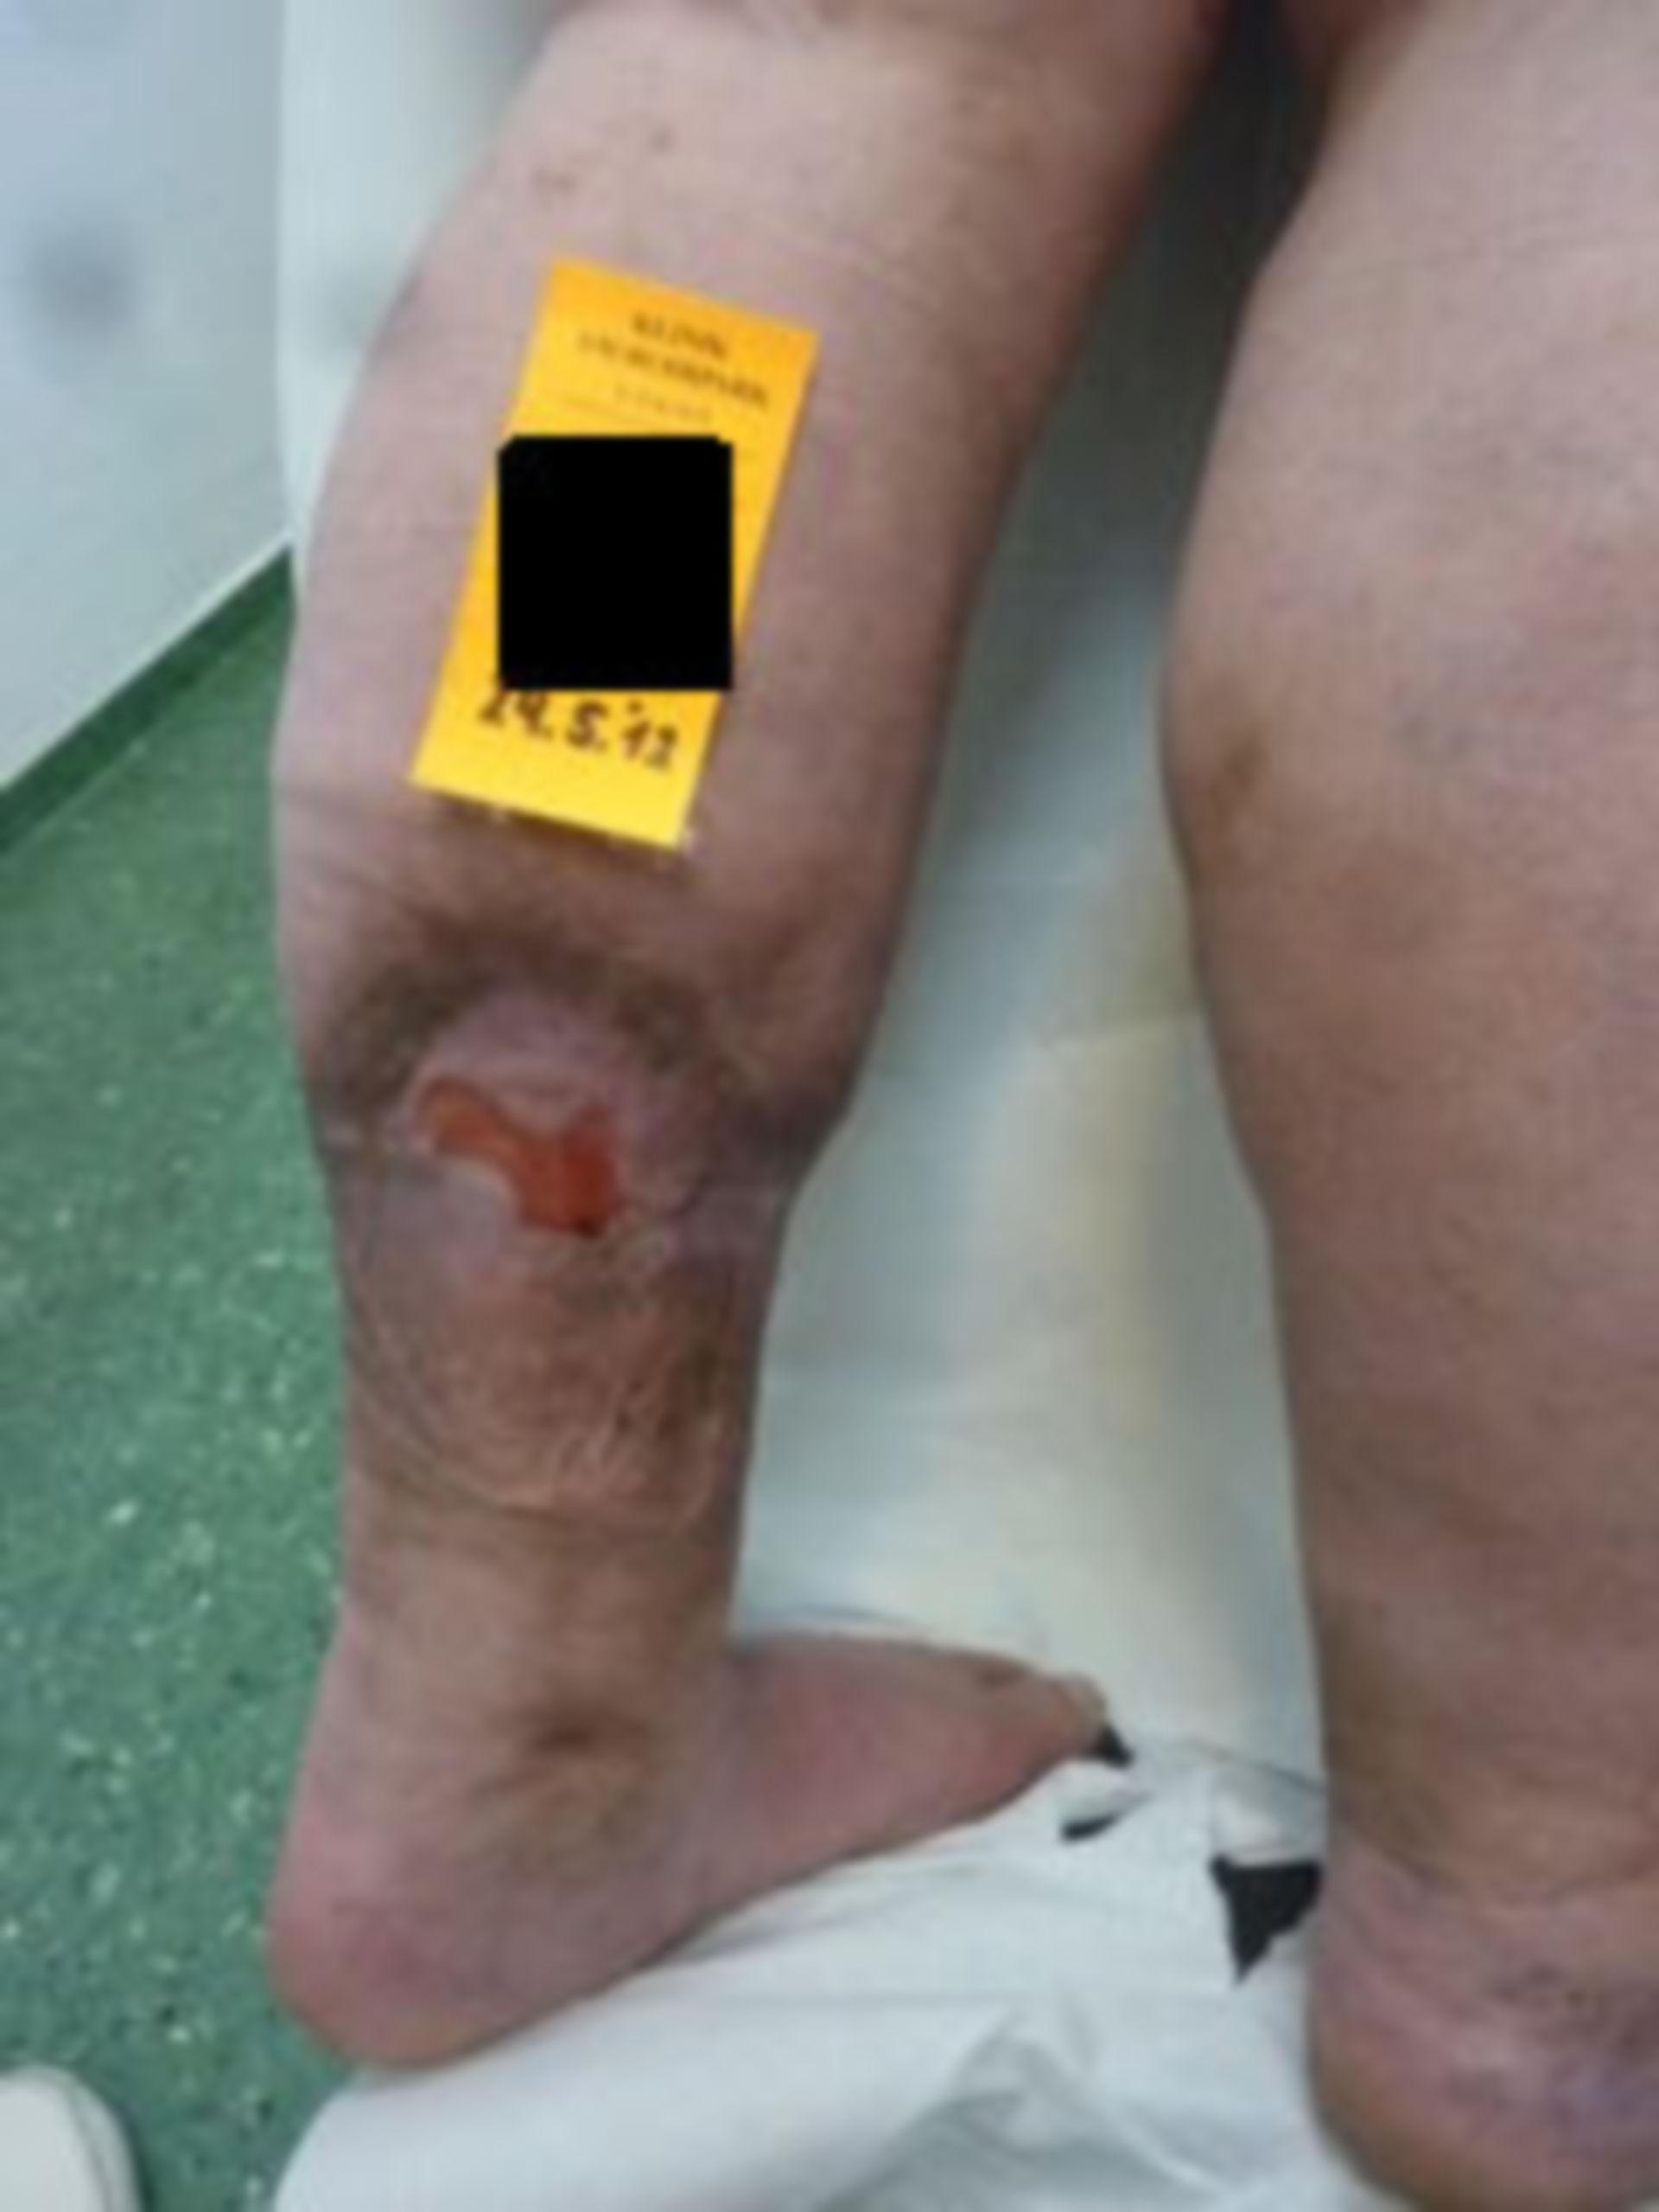 Úlcera de la pierna, abierta por 7 años (31) - 24.05.12